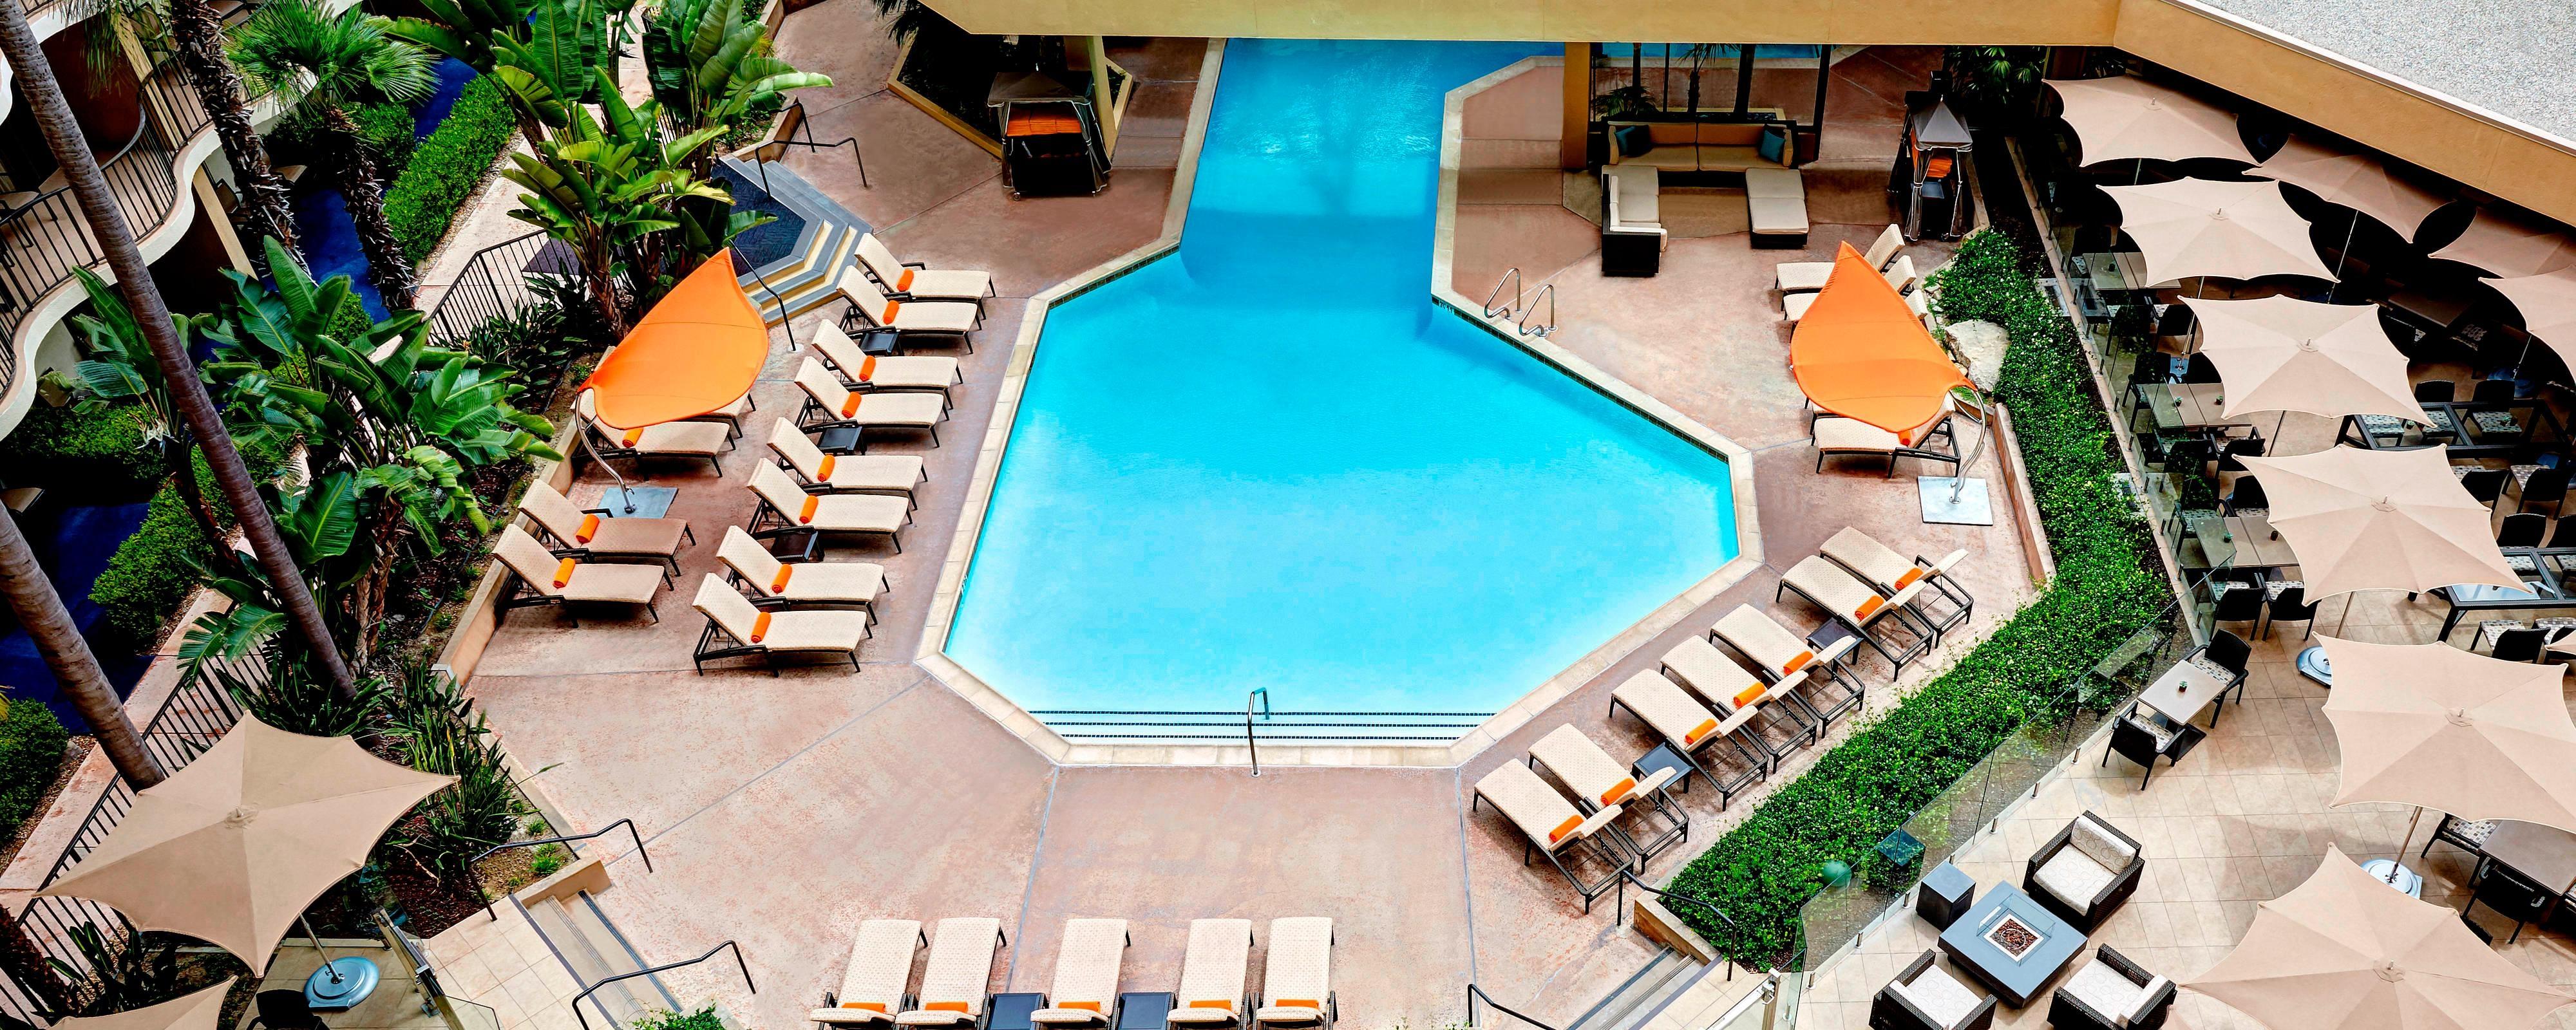 Disneyland Hotel Pool   Anaheim Marriott